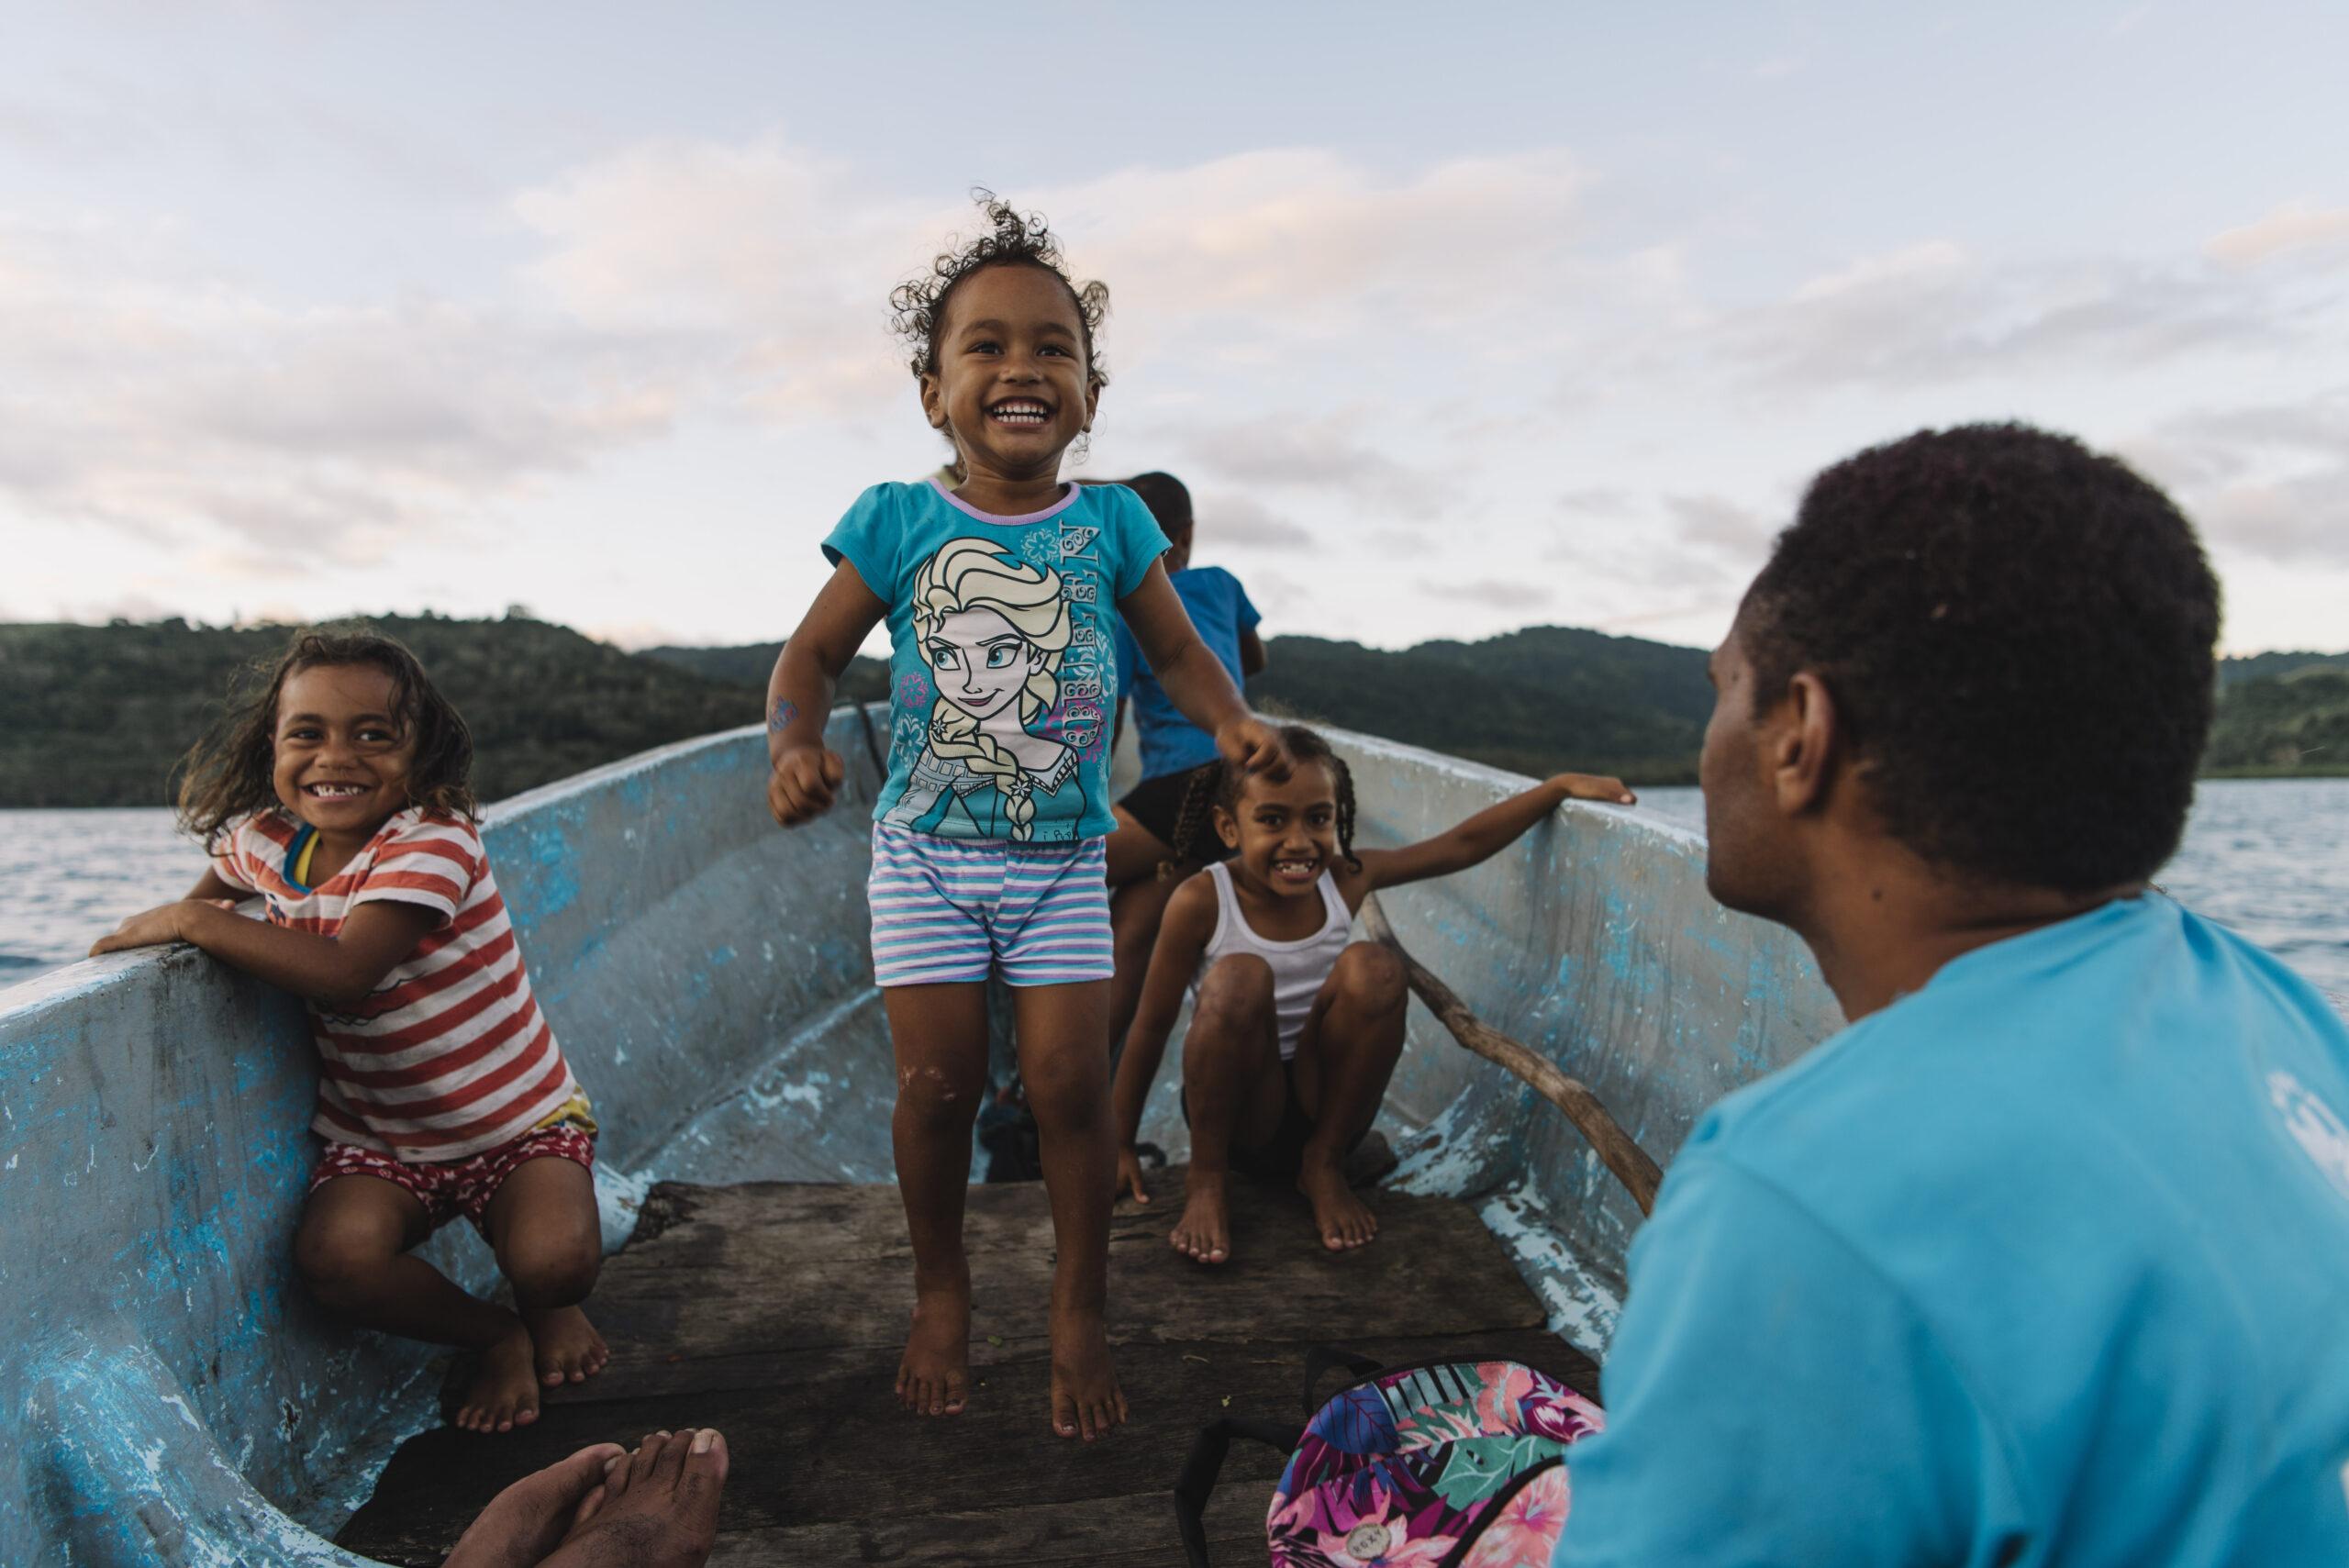 Vunisavisavi: Rising tides for one of Fiji's most sacred communities